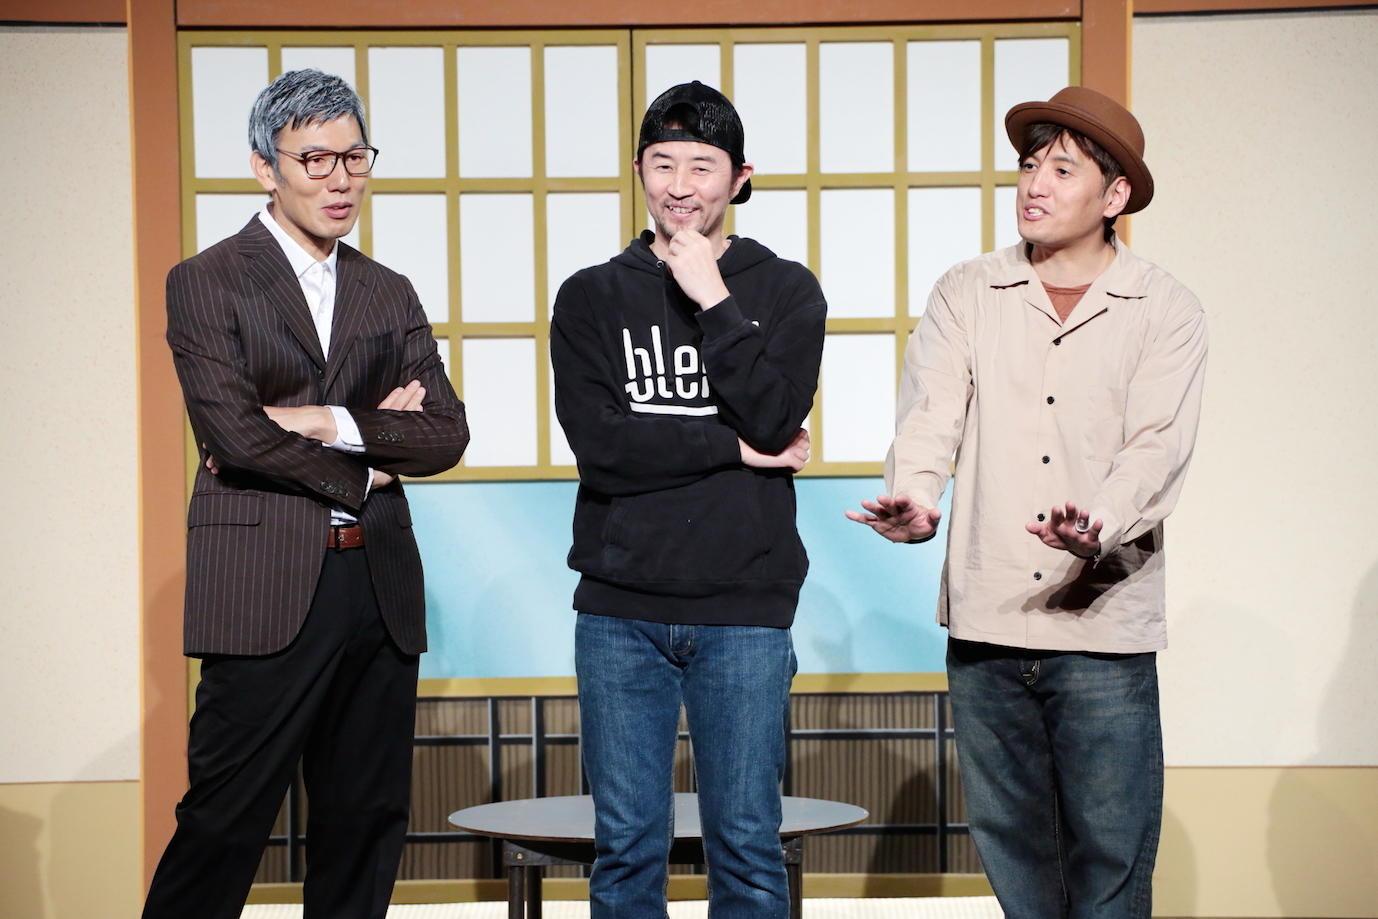 http://news.yoshimoto.co.jp/20180929111812-f51444c0a0472c69012ff12afa69e7a7eefa9732.jpg